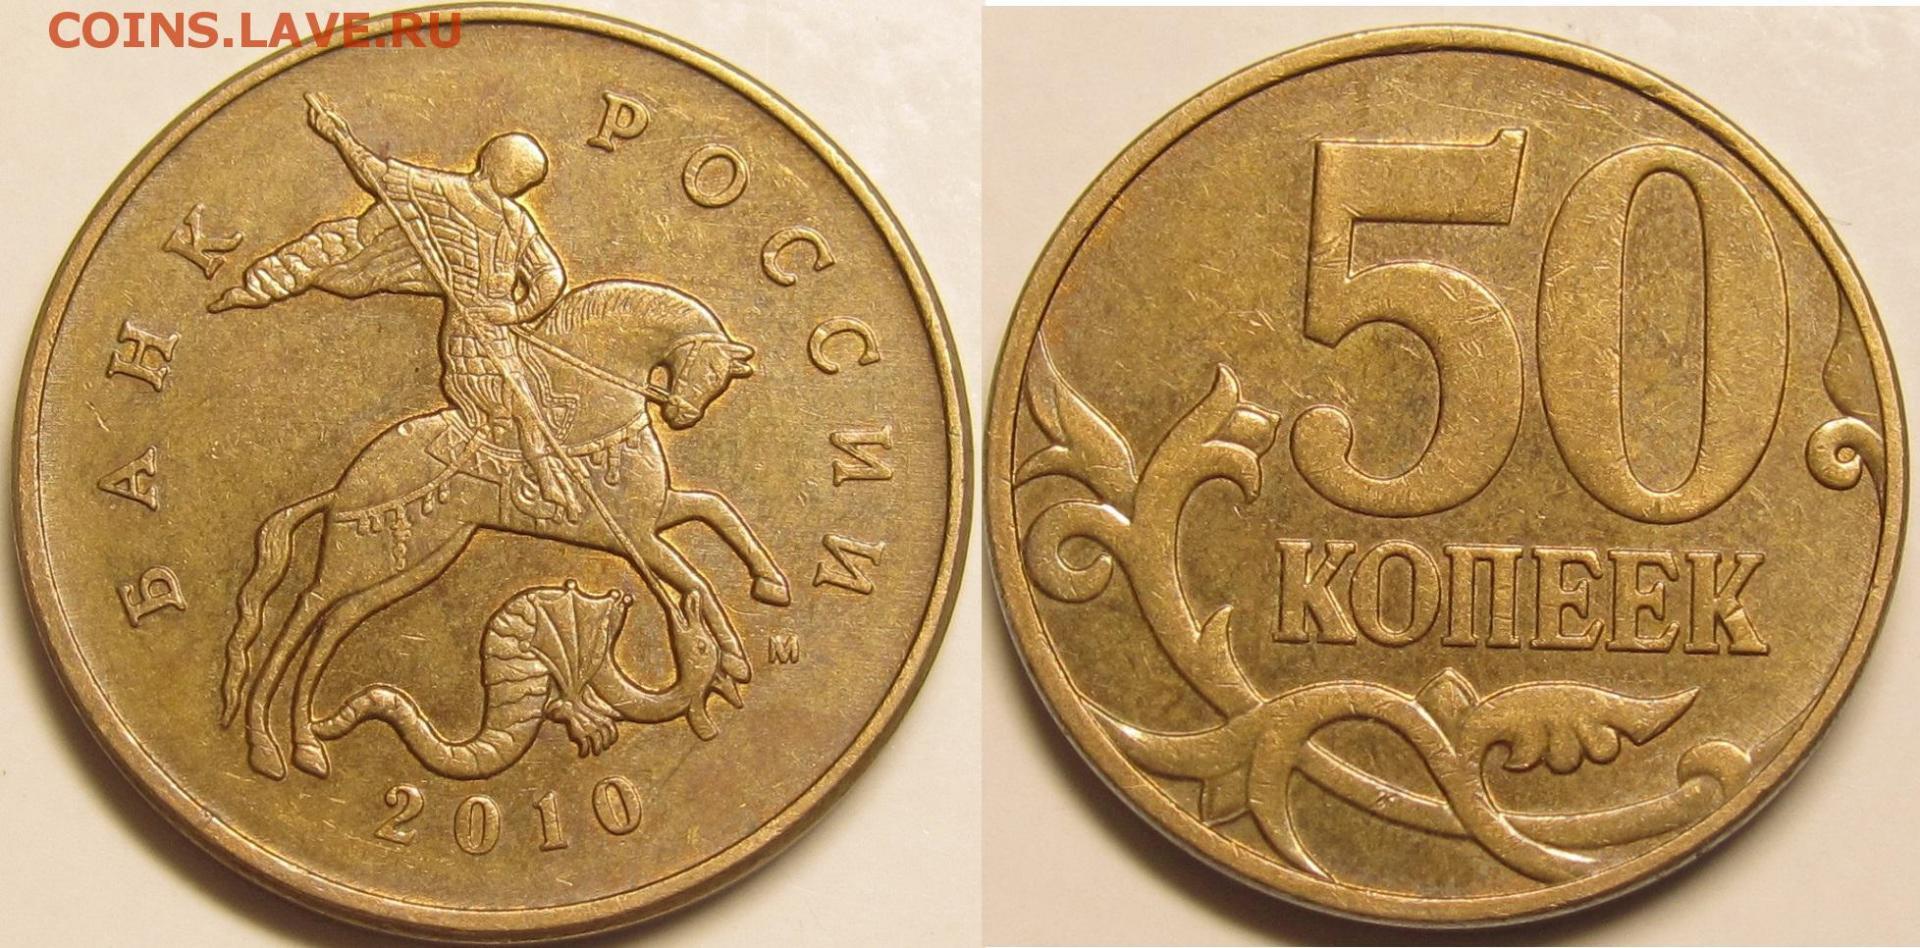 10 копеек 2010 года стоимость м coins2001 narod ru